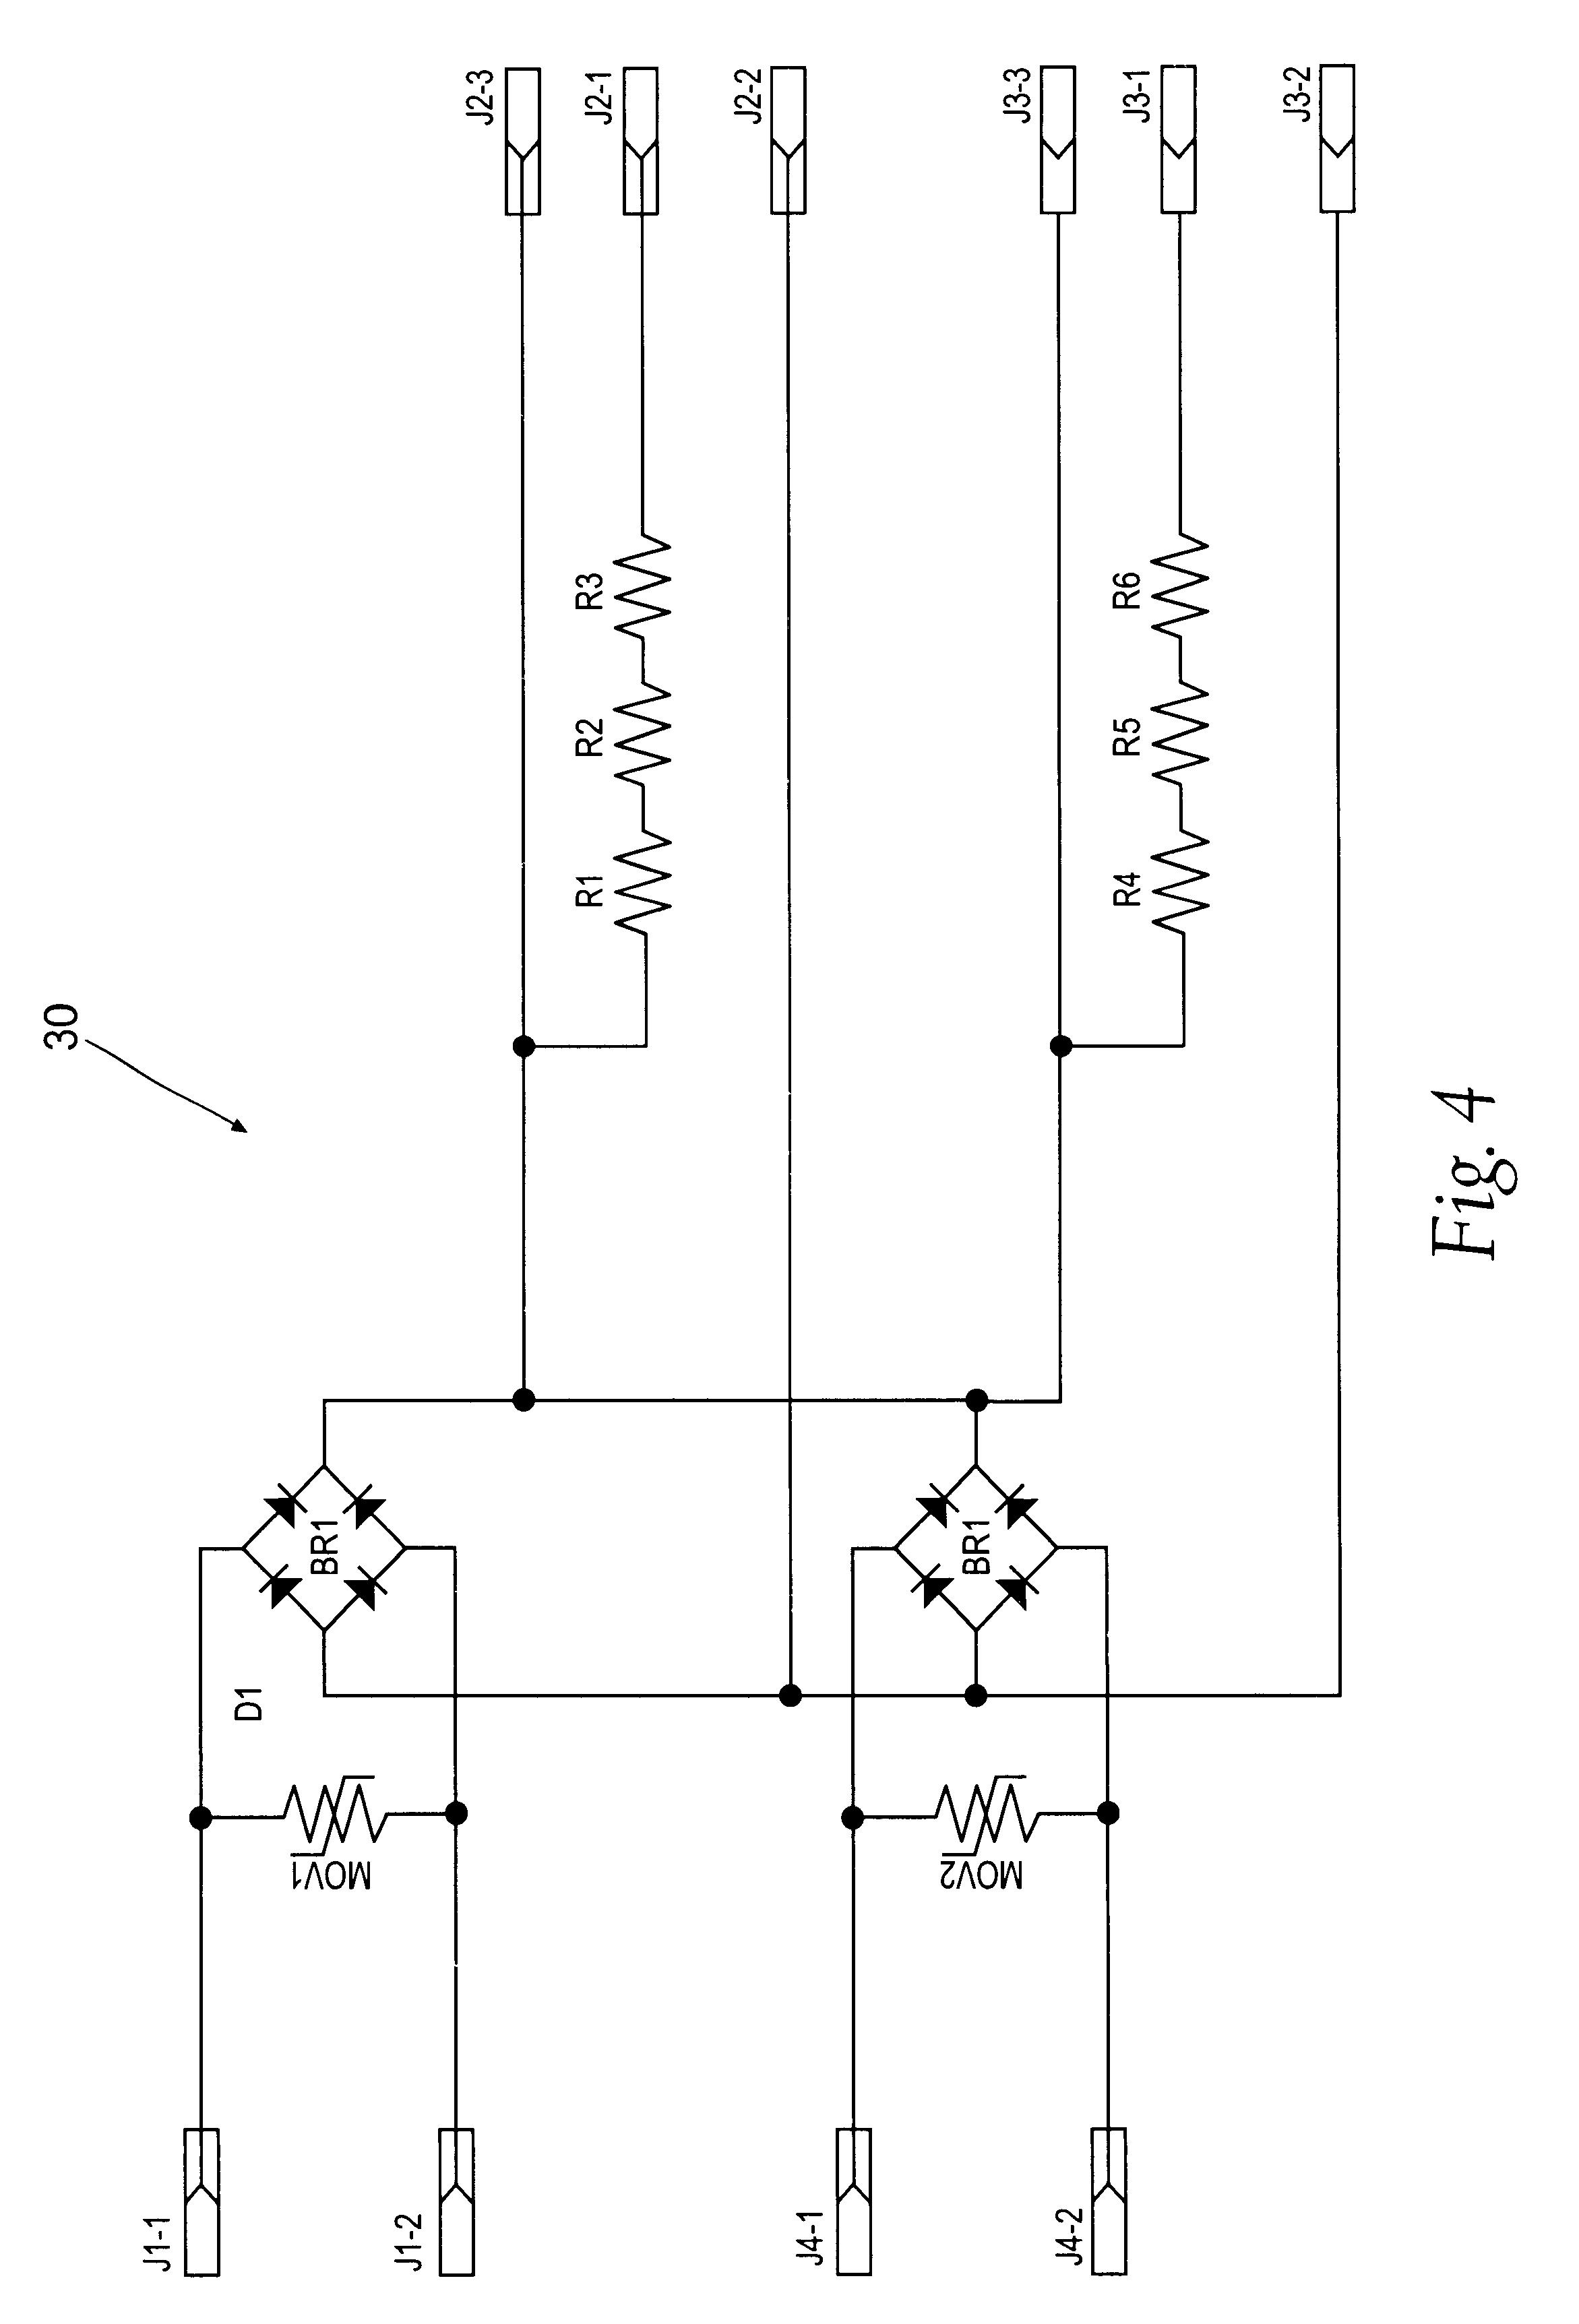 Patent Us6538345 Load Bank Alternating Current Alternatingcurrentdiagram Vs Regulating Control Google Patentler